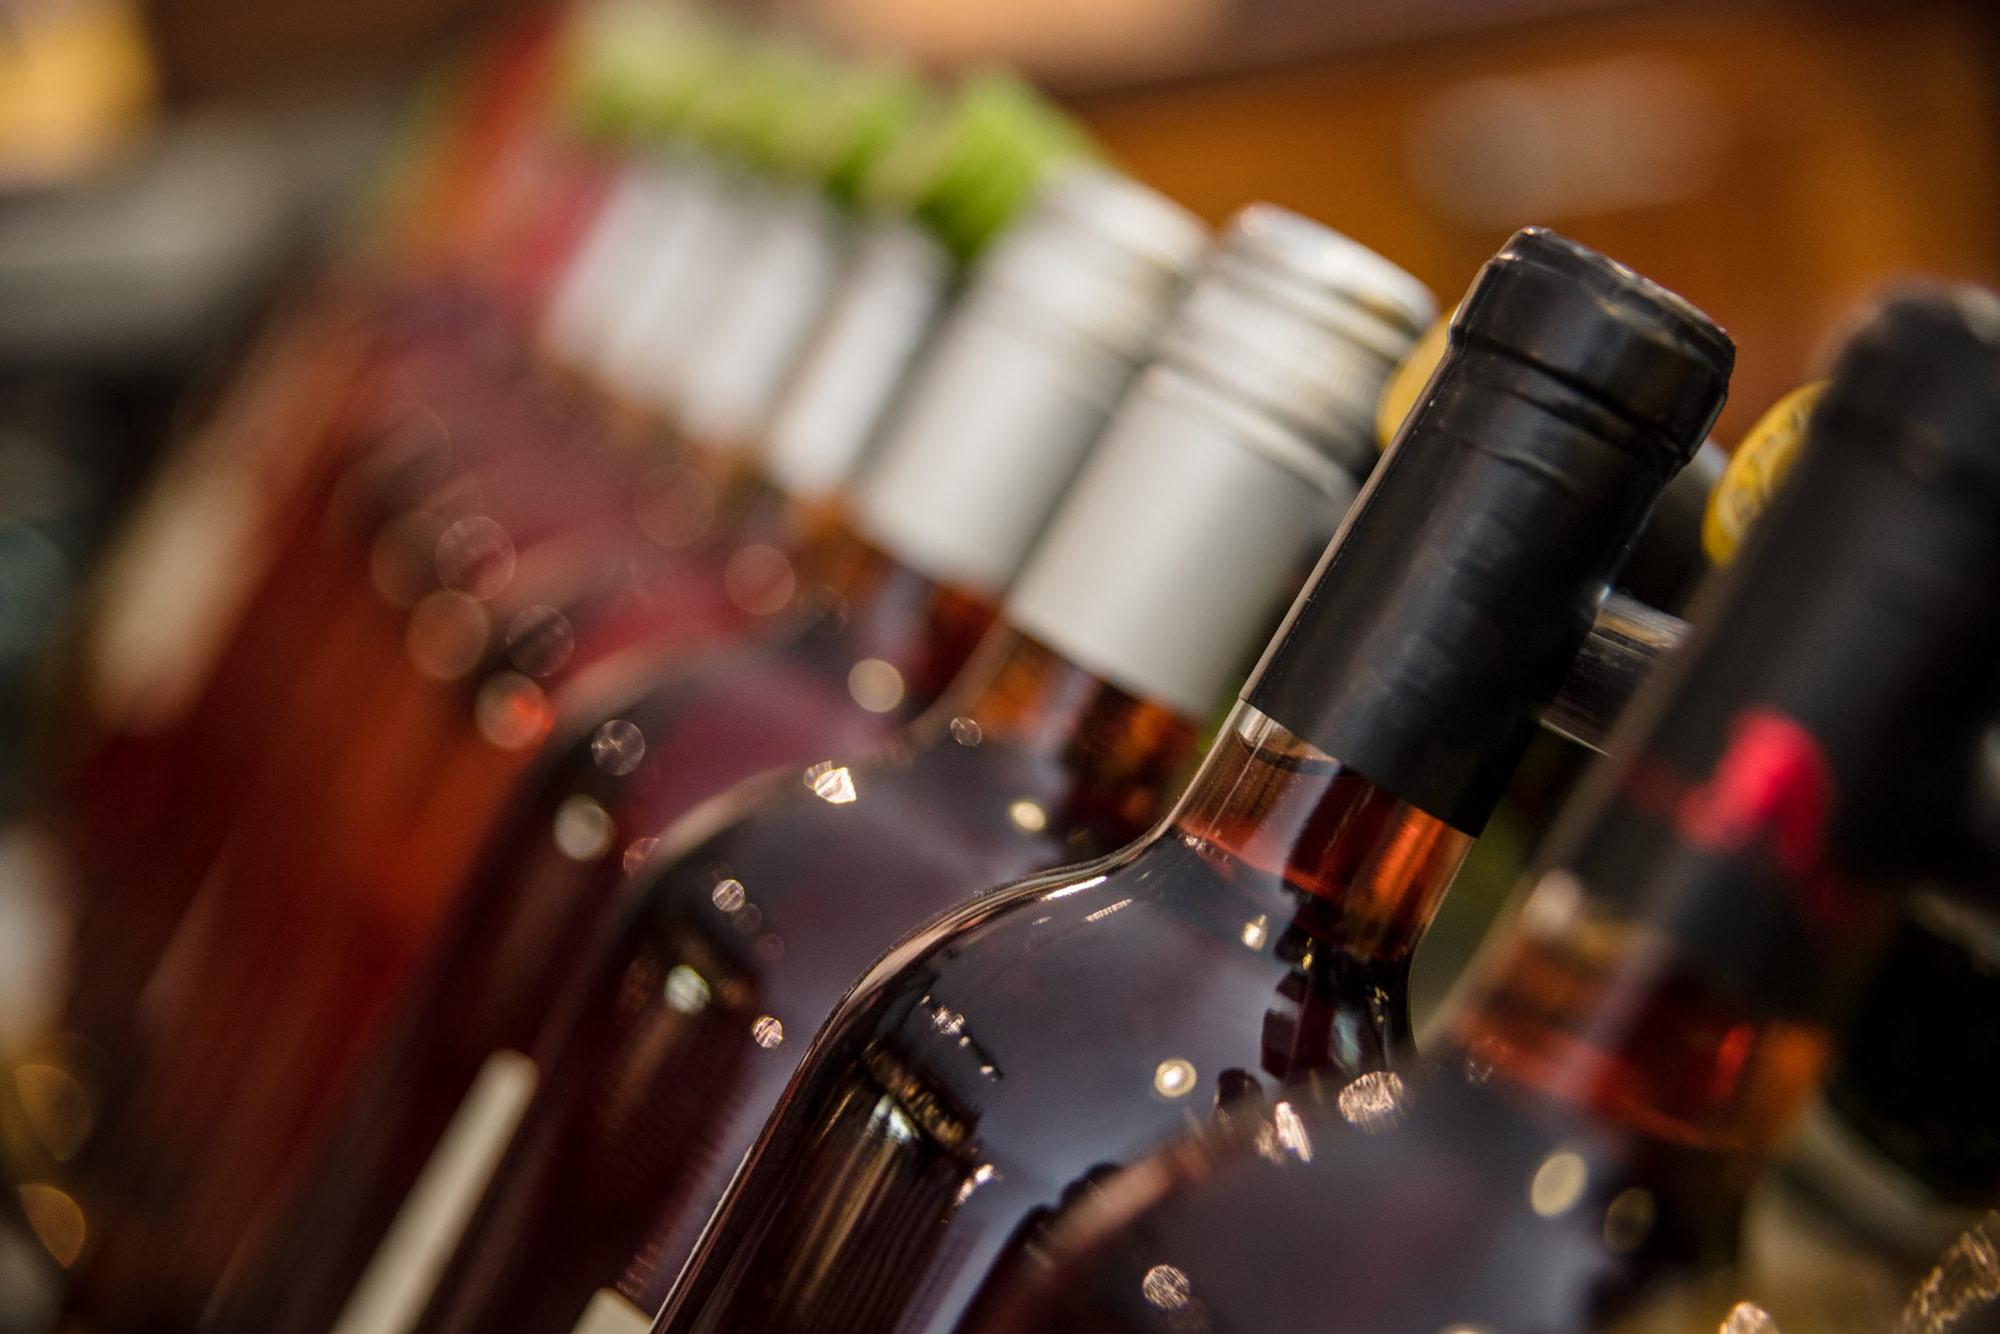 Affärssystem för dryckesbranschen